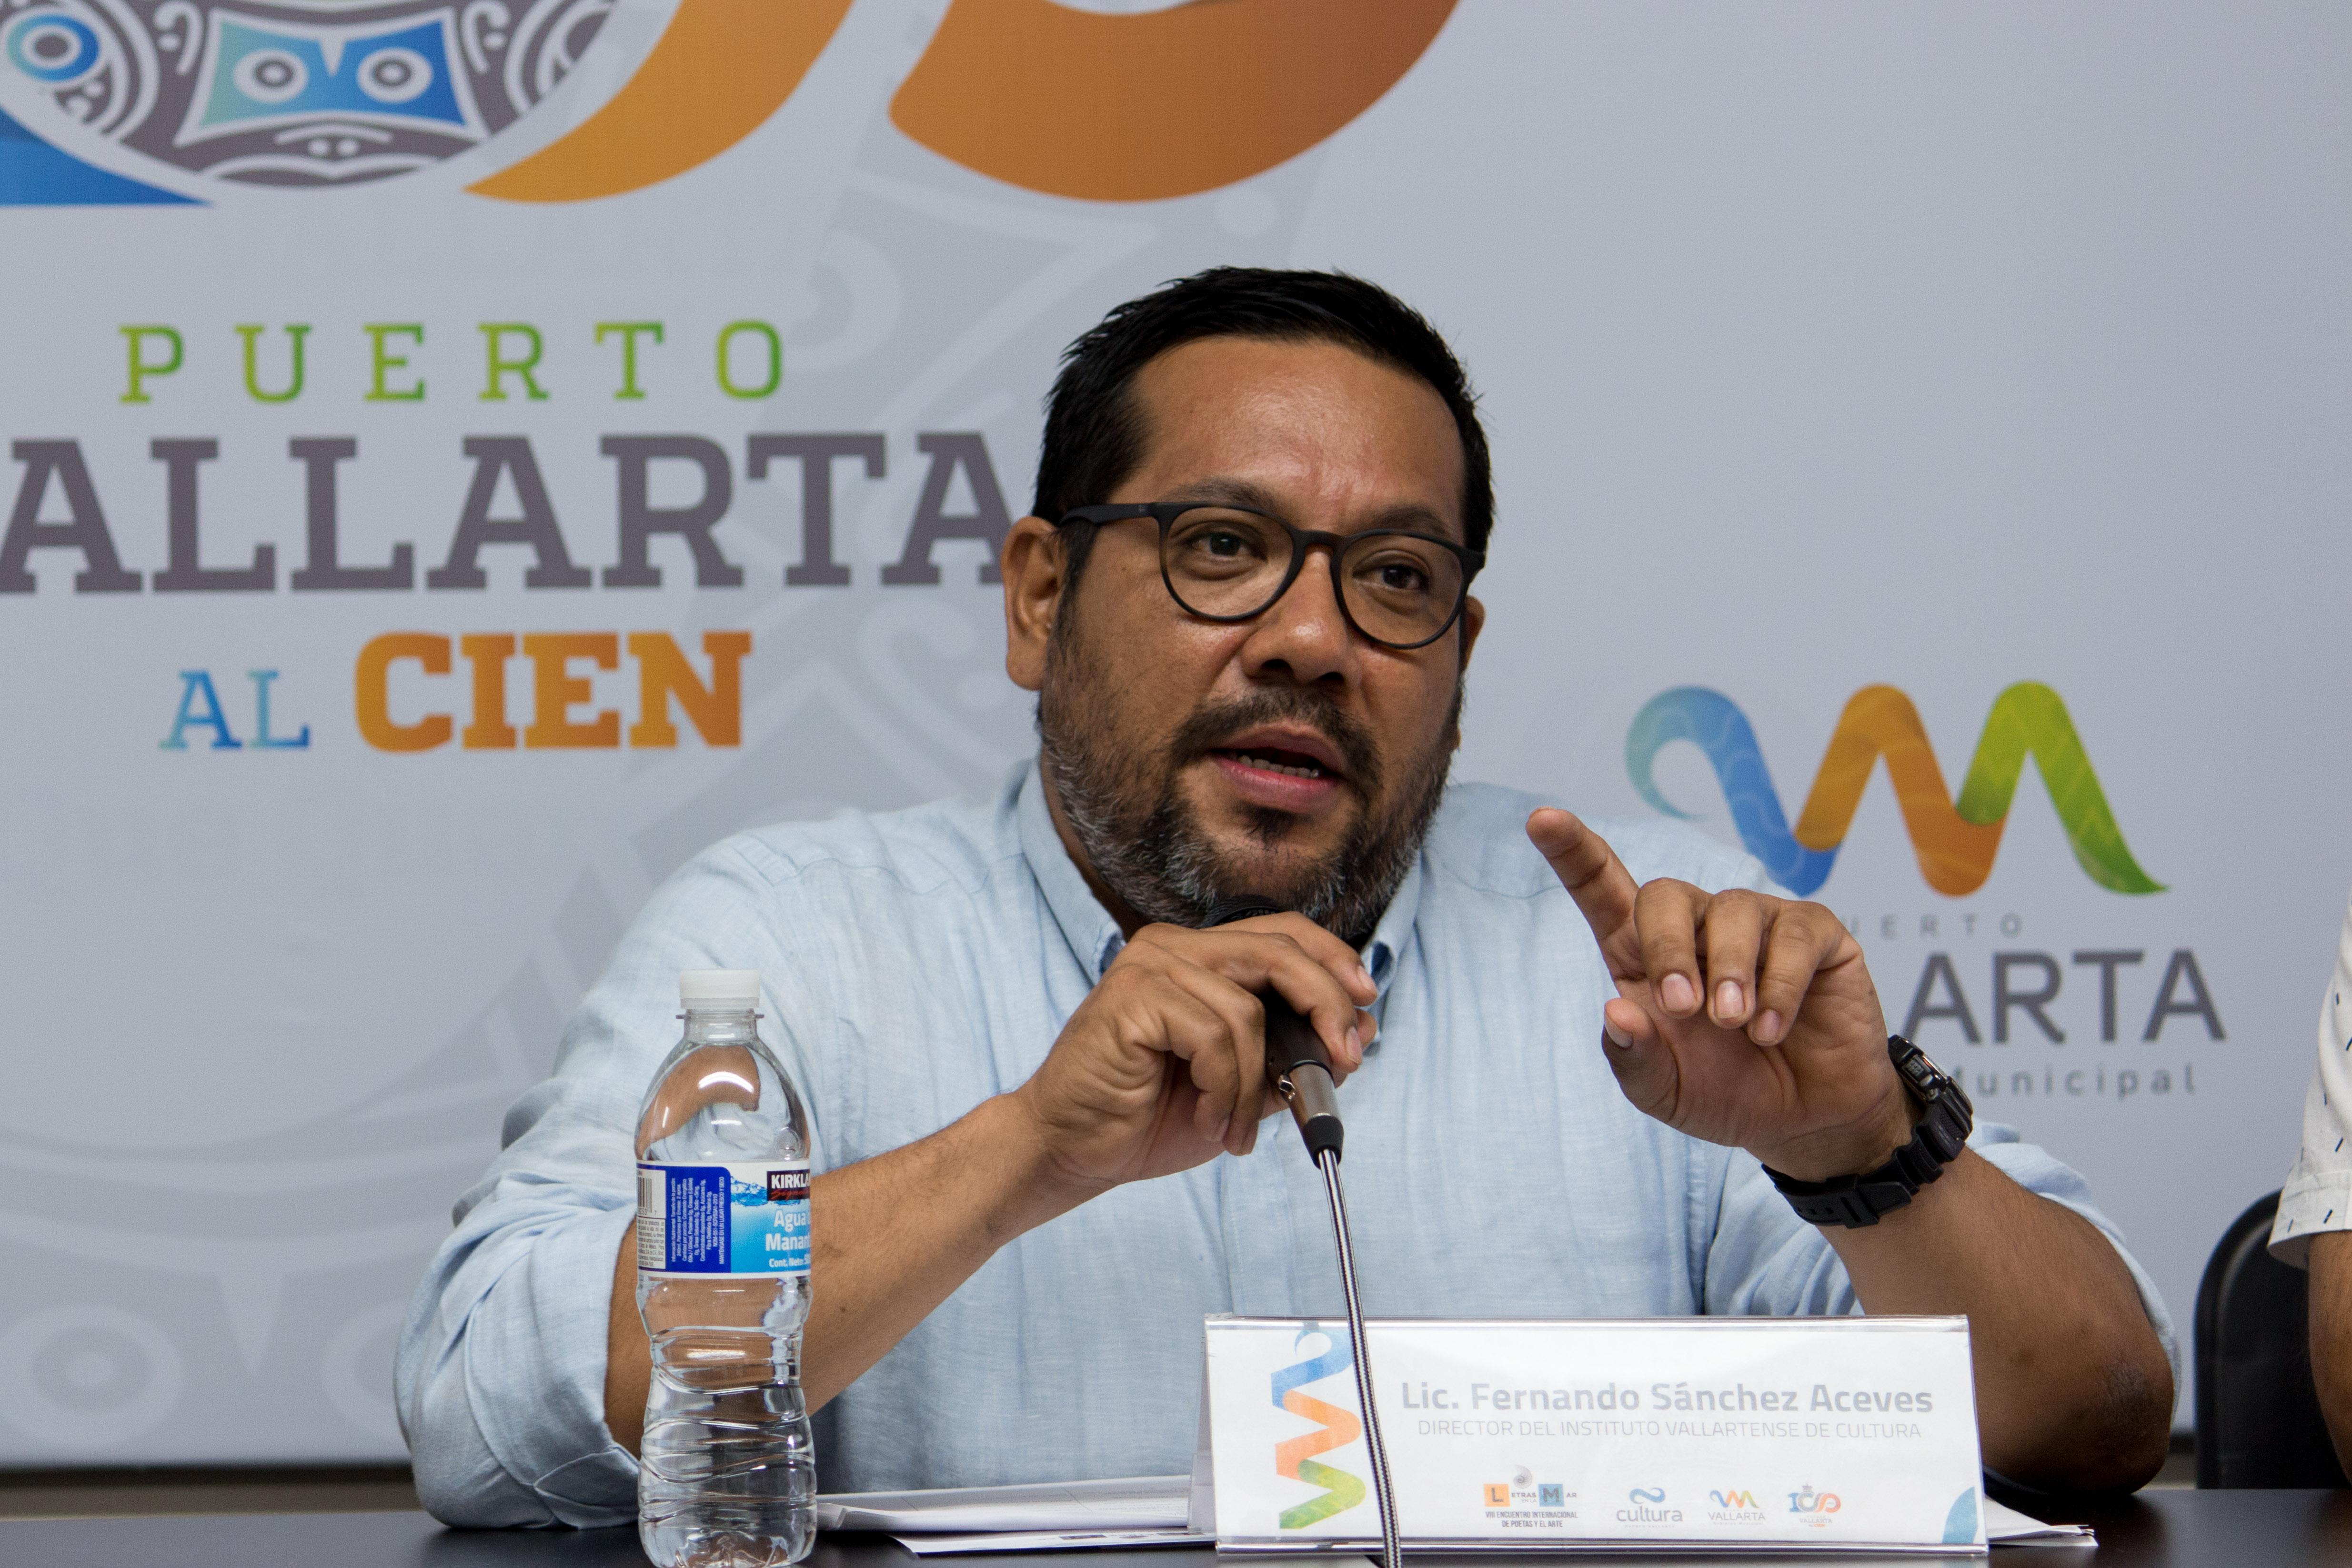 Luis Fernando Sánchez Aceves, director del Instituto Vallartense de Cultura